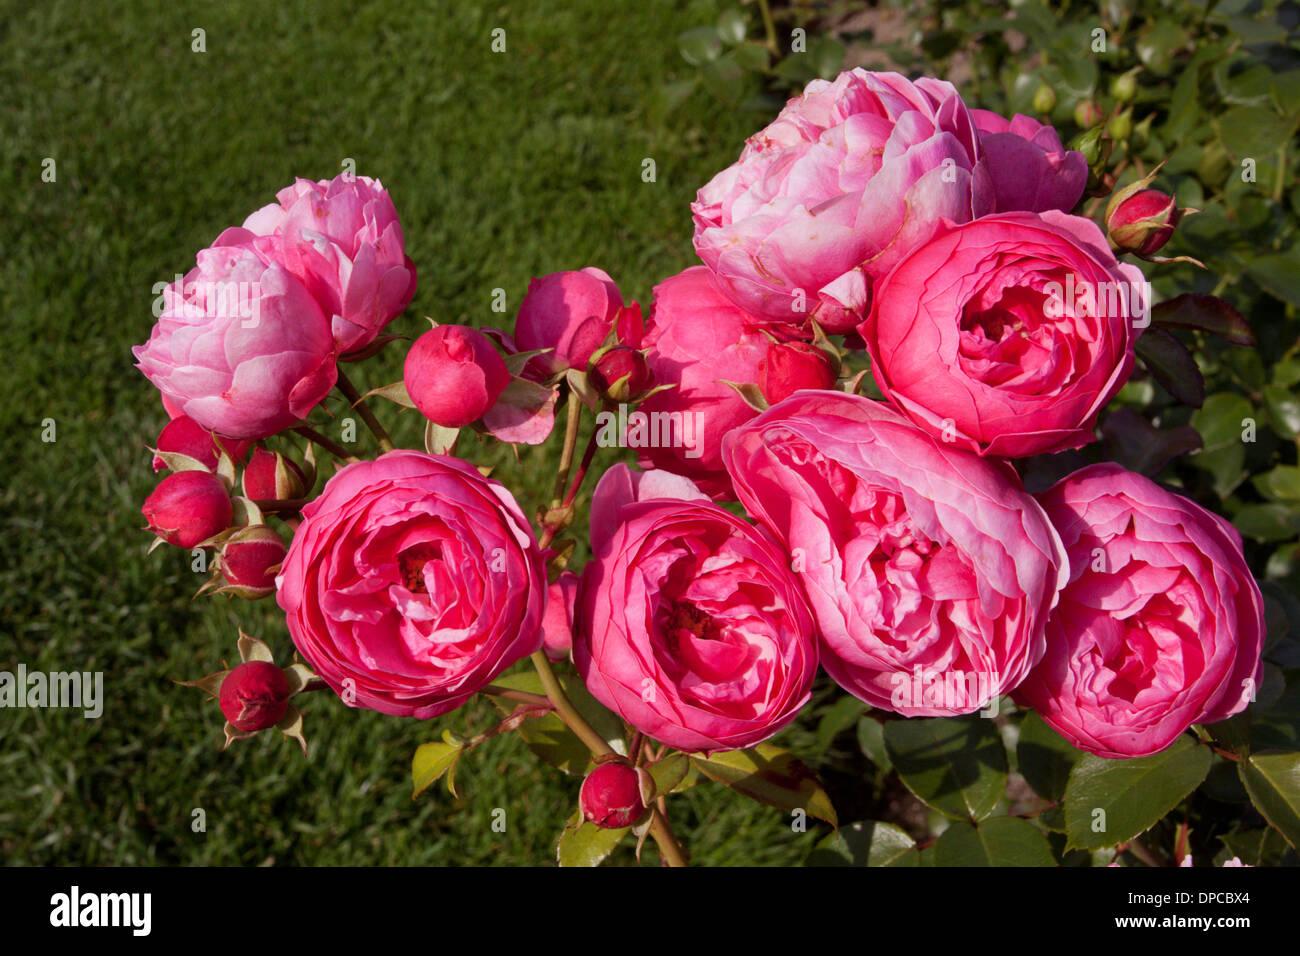 Tampere Arboretum: Roses - Stock Image